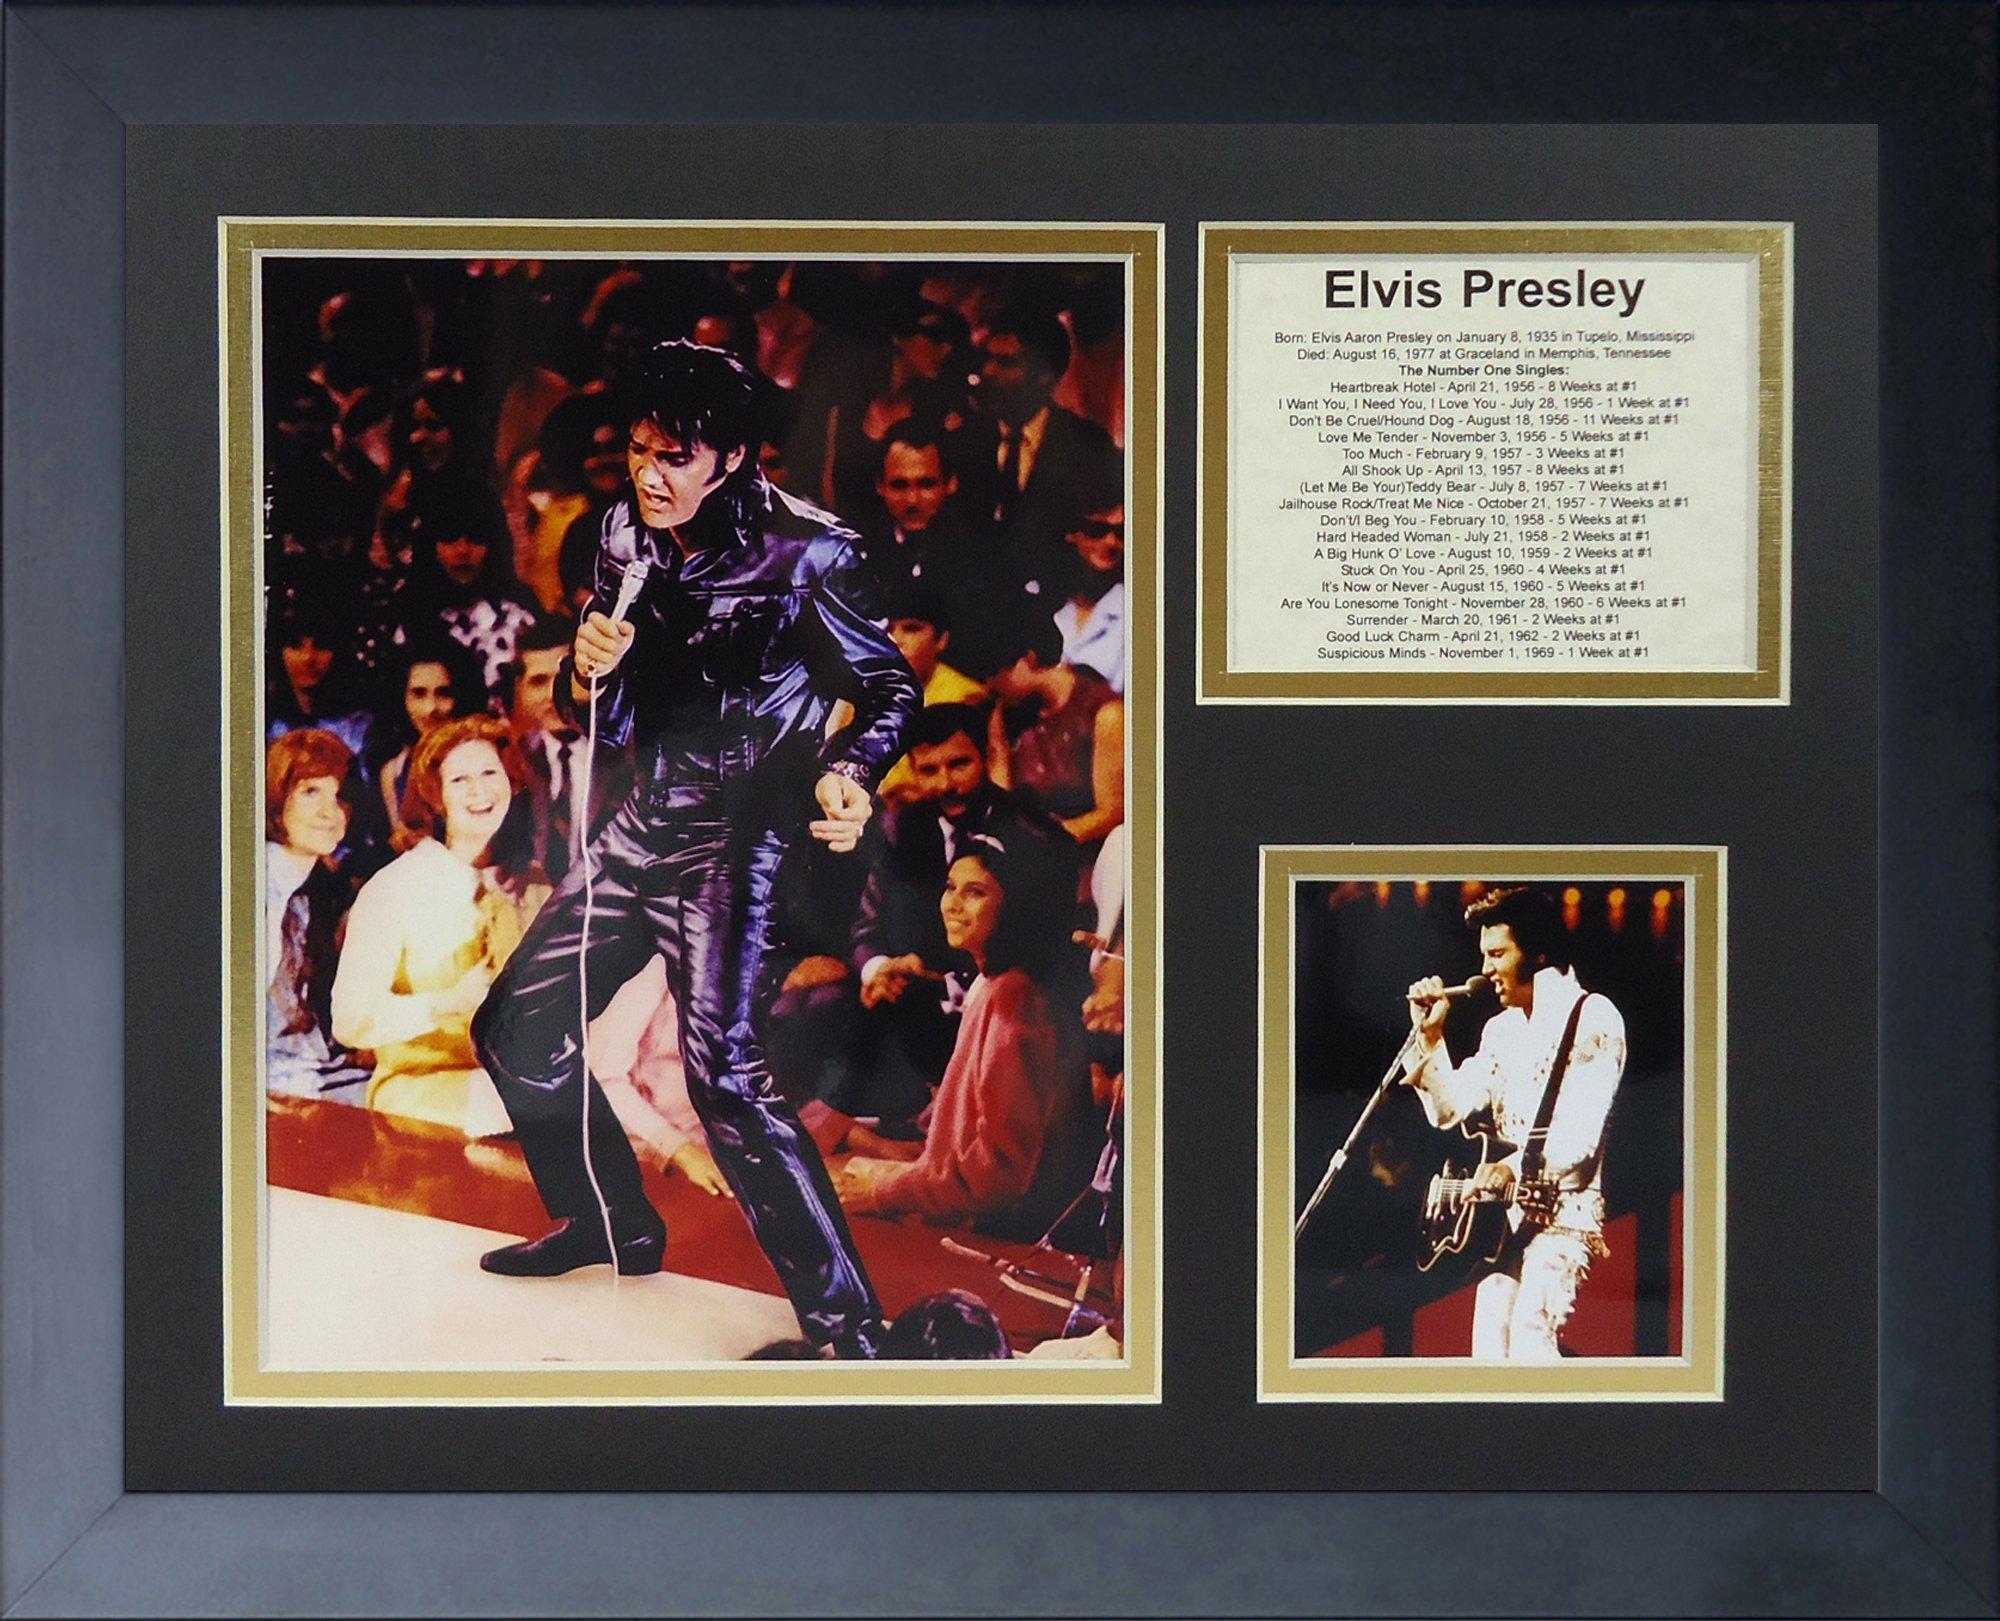 Legends Never Die Elvis Presley In Concert Framed